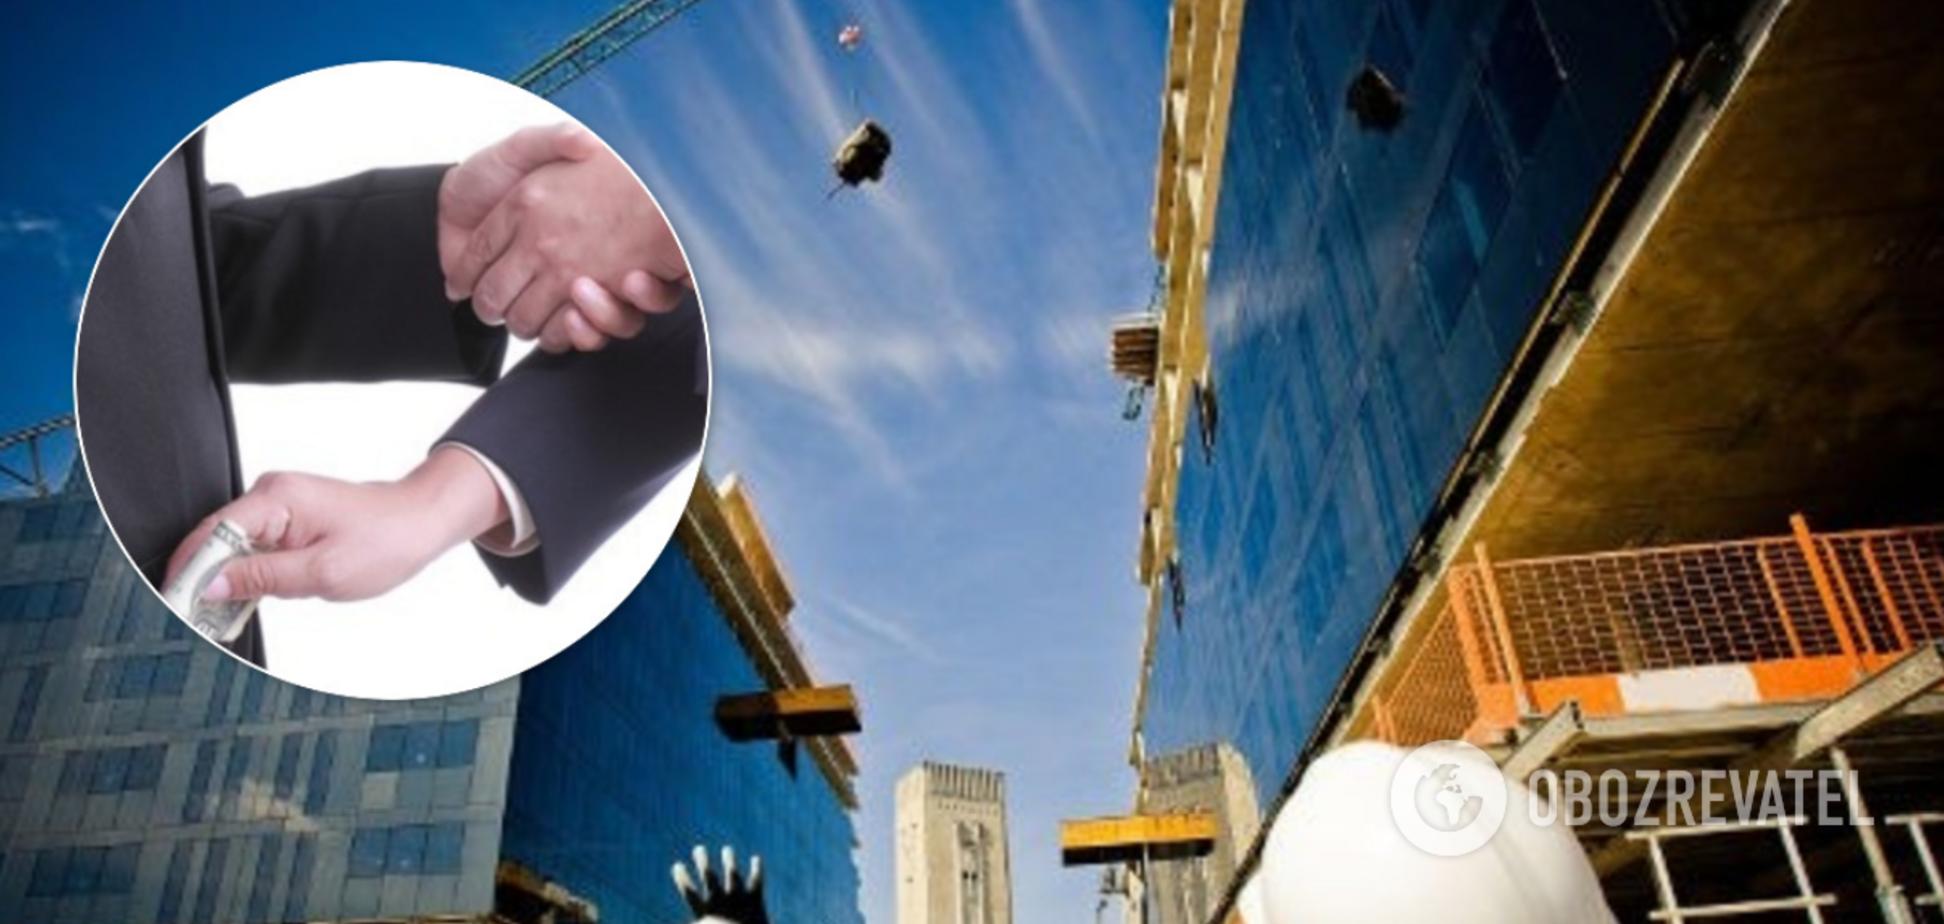 Останній подих будівельної мафії, або Боротьба з корупційними вітряками